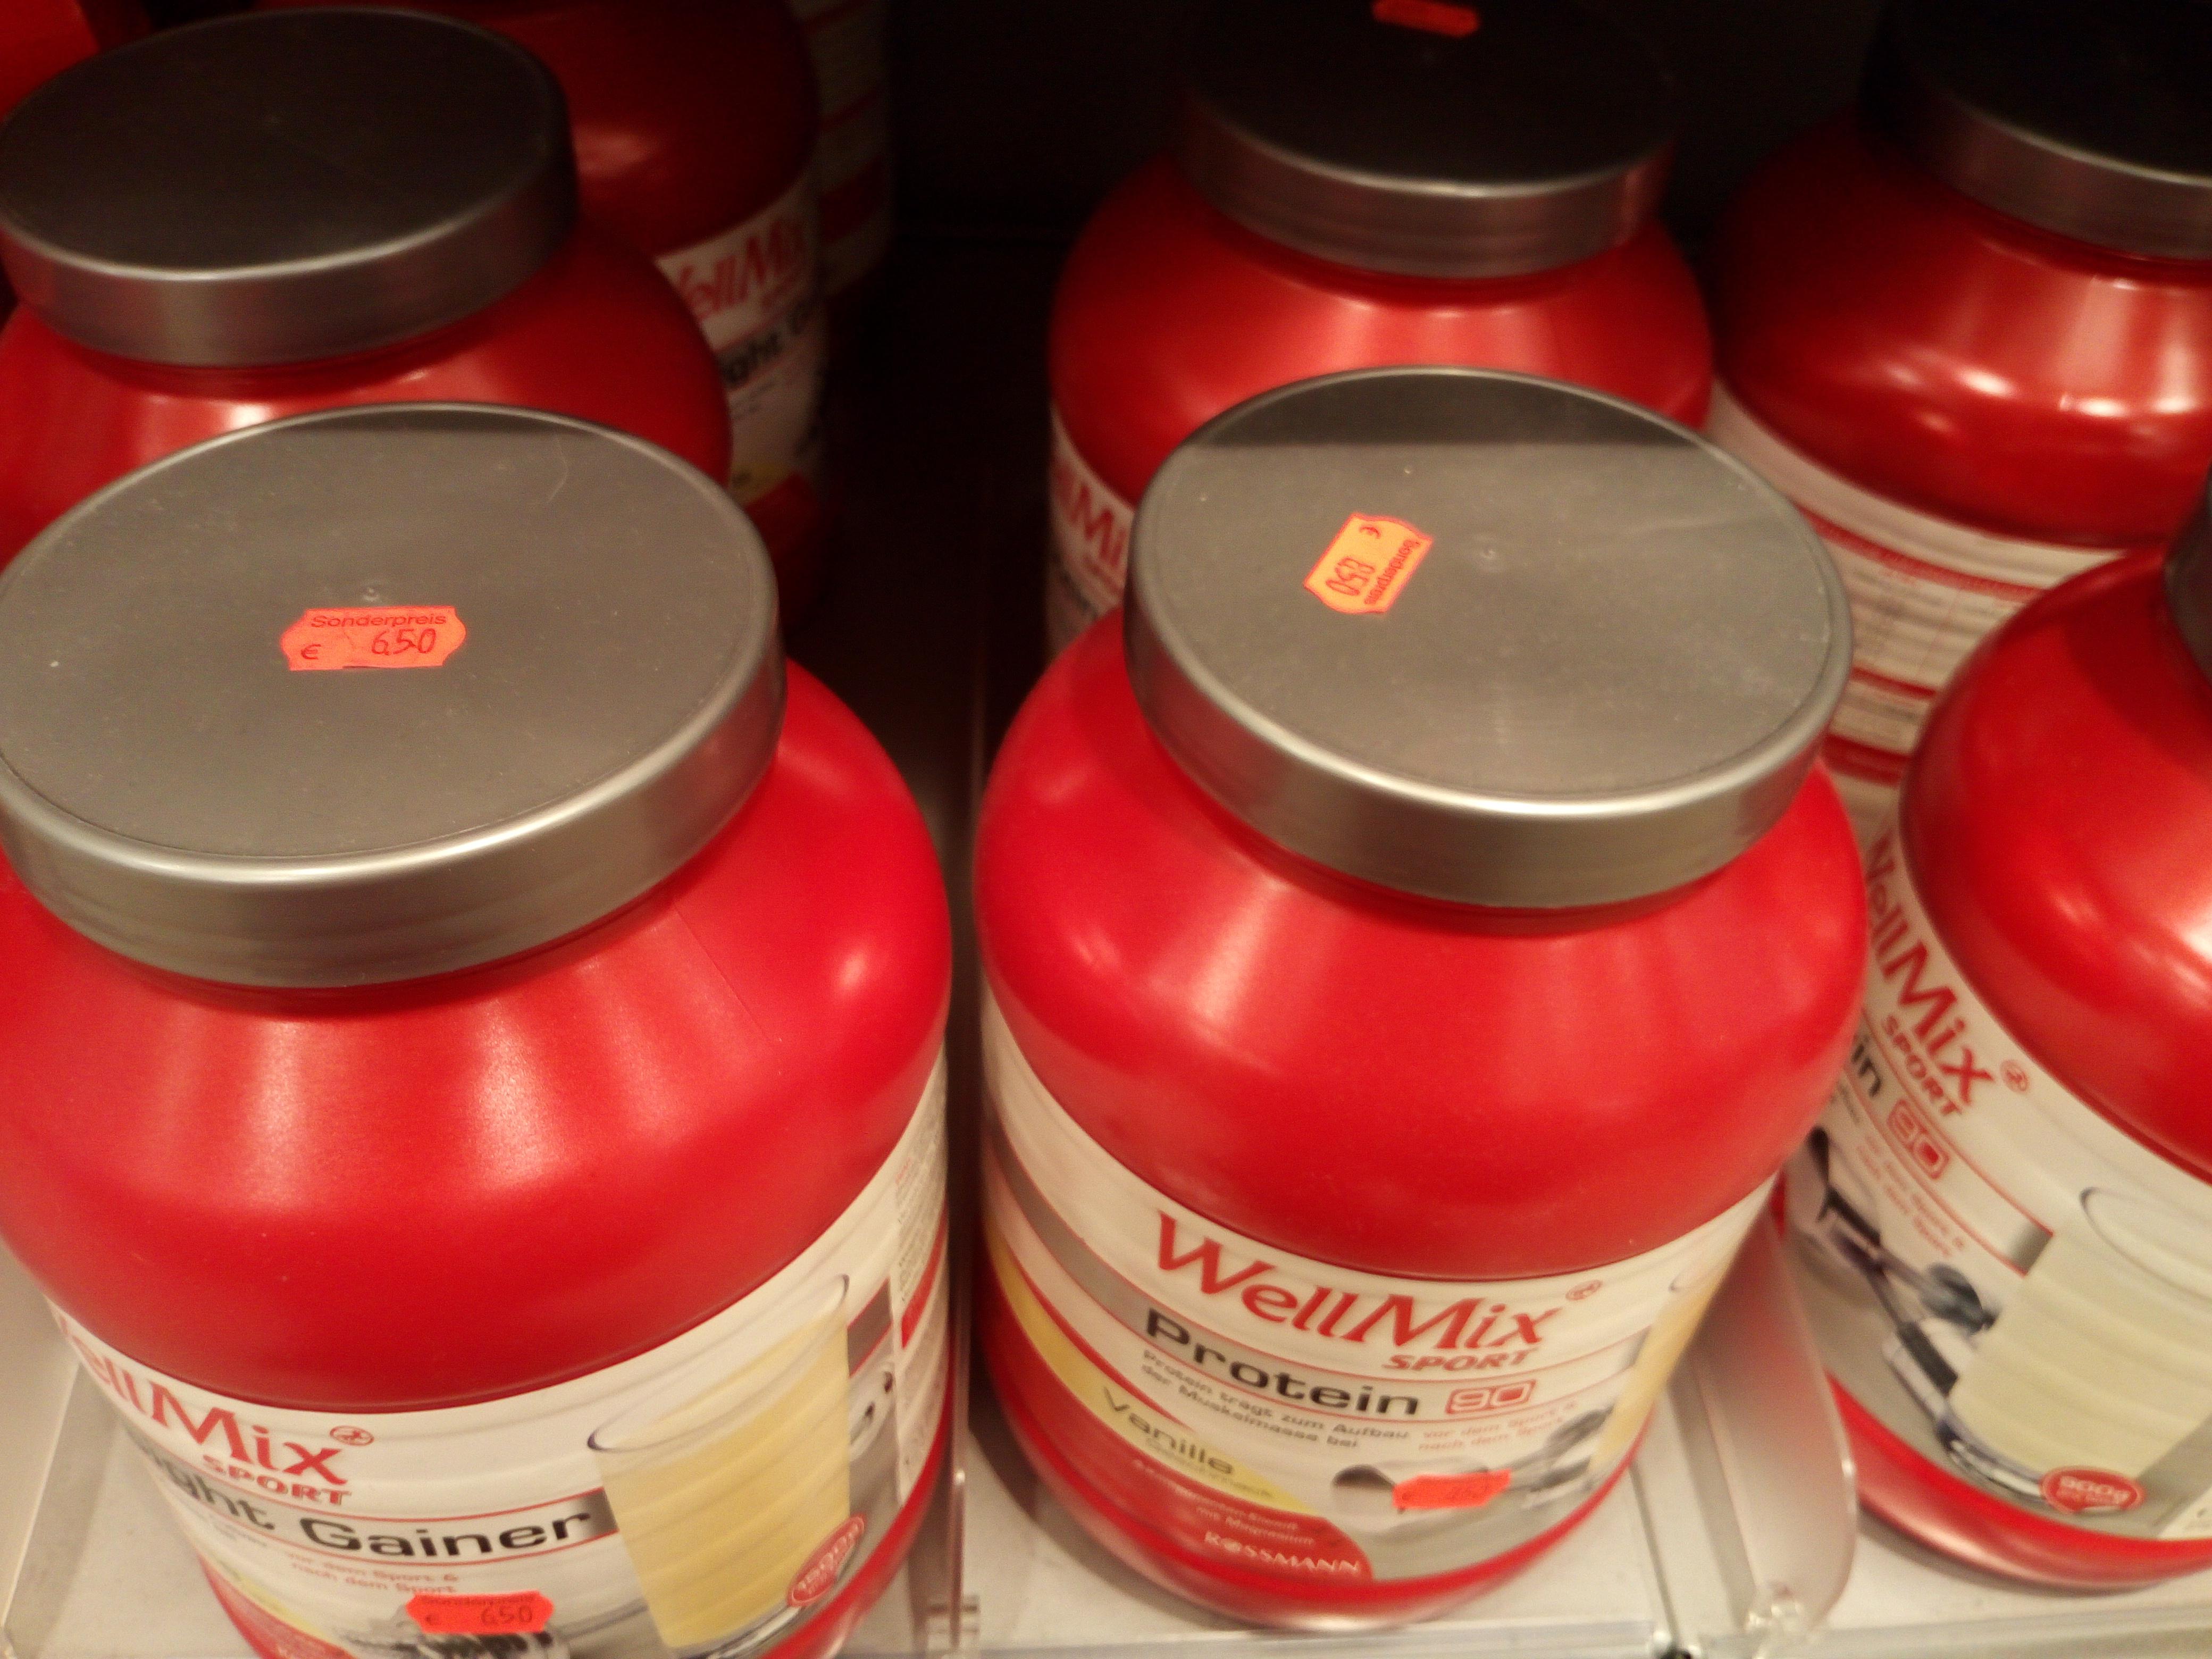 Rossmann Duisburg WellMix Weight Gainer und Protein 90  Whey  Vanille 1,5KG